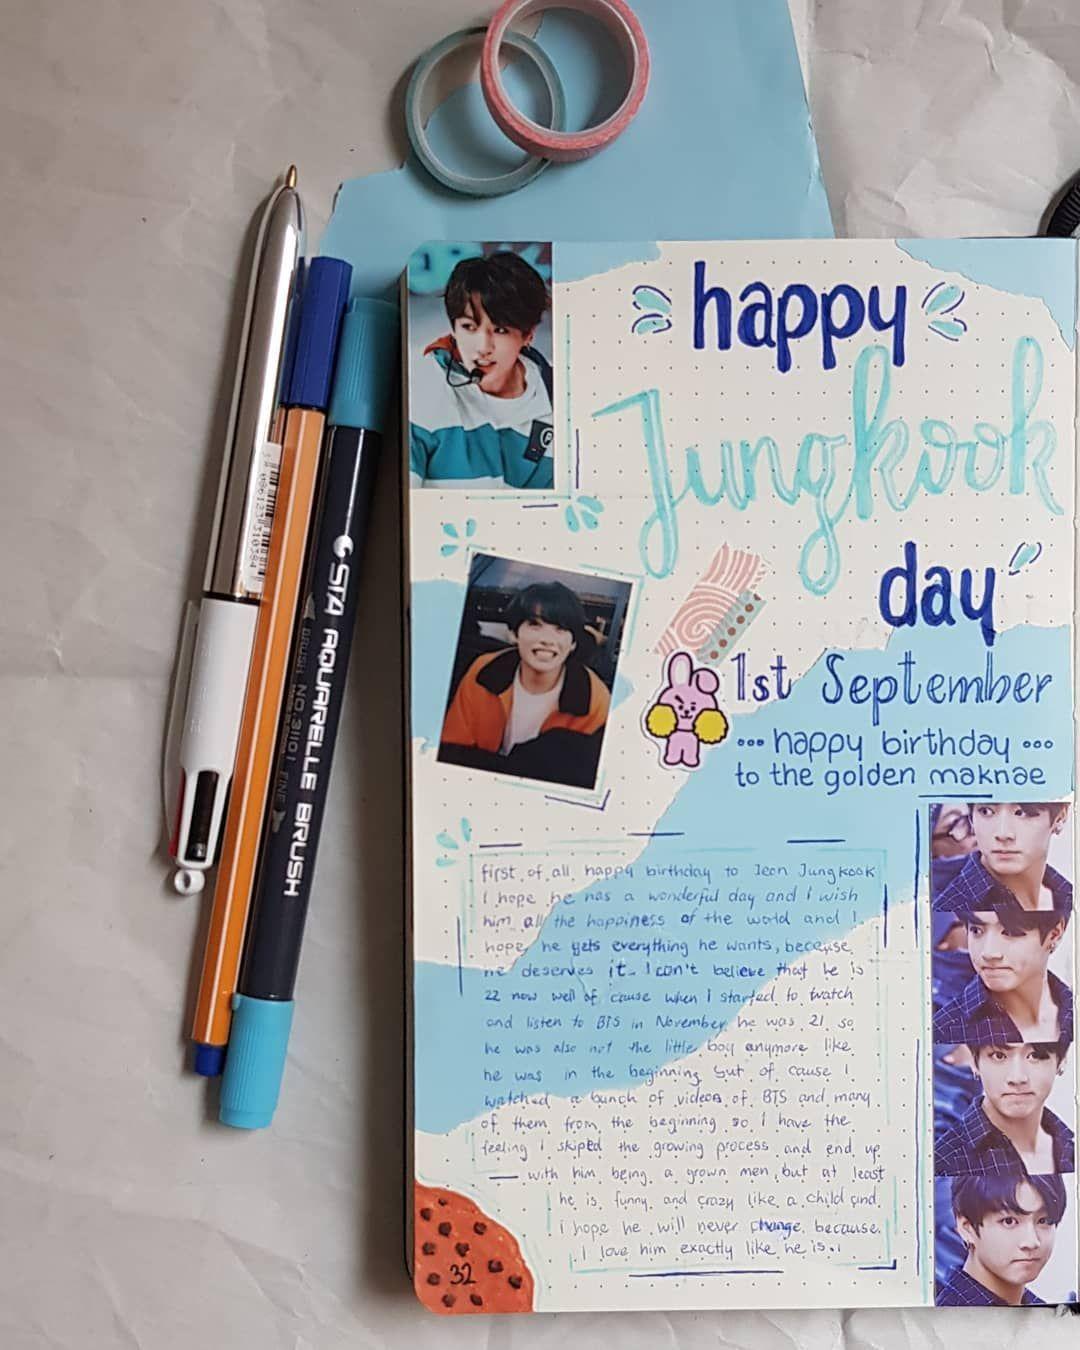 """KᑭOᑭ ᒍOᑌᖇᑎᗩᒪ on Instagram: """"happy birthday to jungkook KᑭOᑭ ᒍOᑌᖇᑎᗩᒪ on Instagram: """"happy birthday to jungkook"""